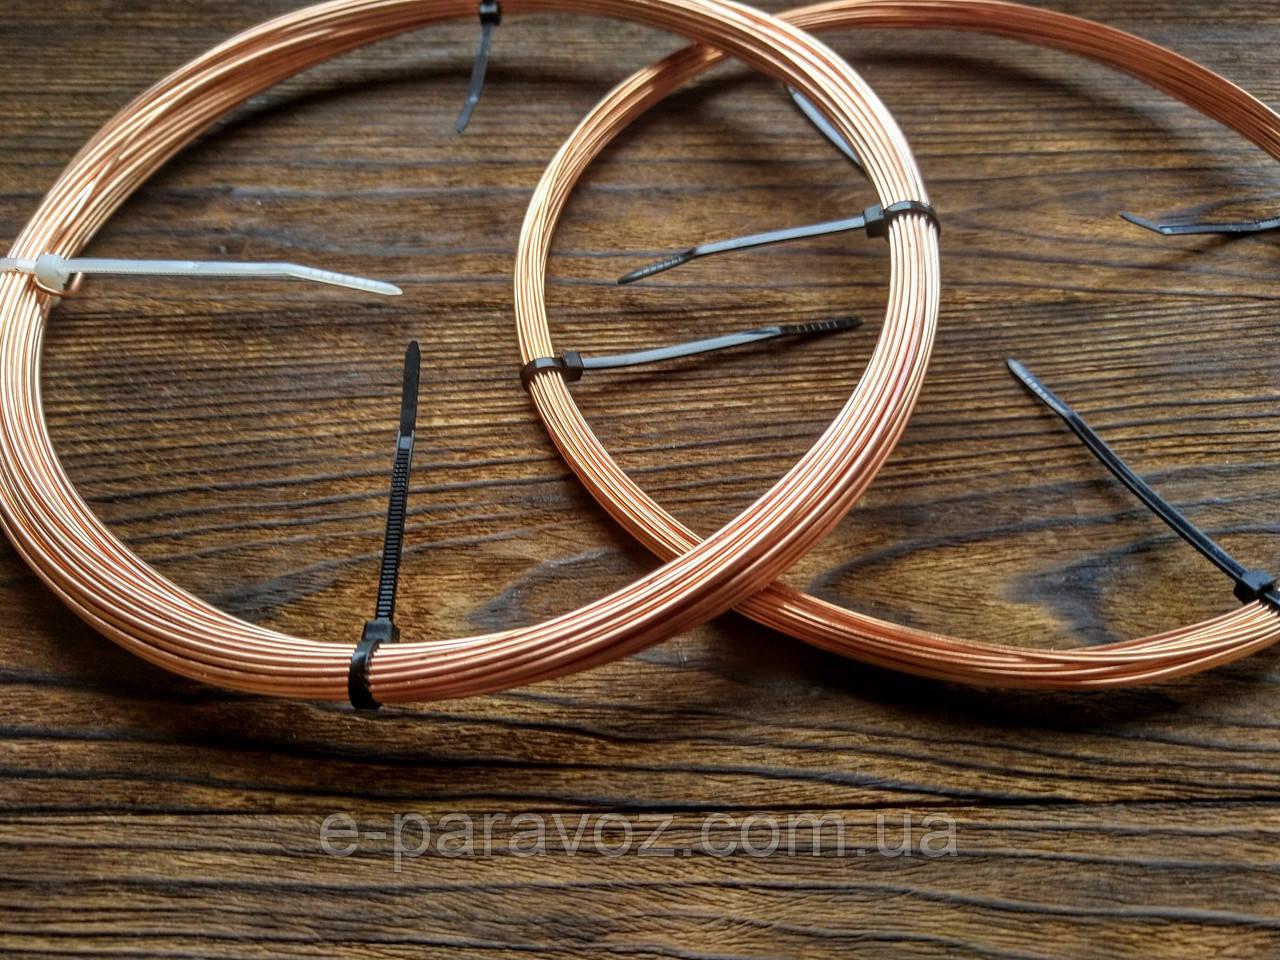 Медь 3 мм - 5 метров, медная проволока для рукоделия, бисера, бижутерии